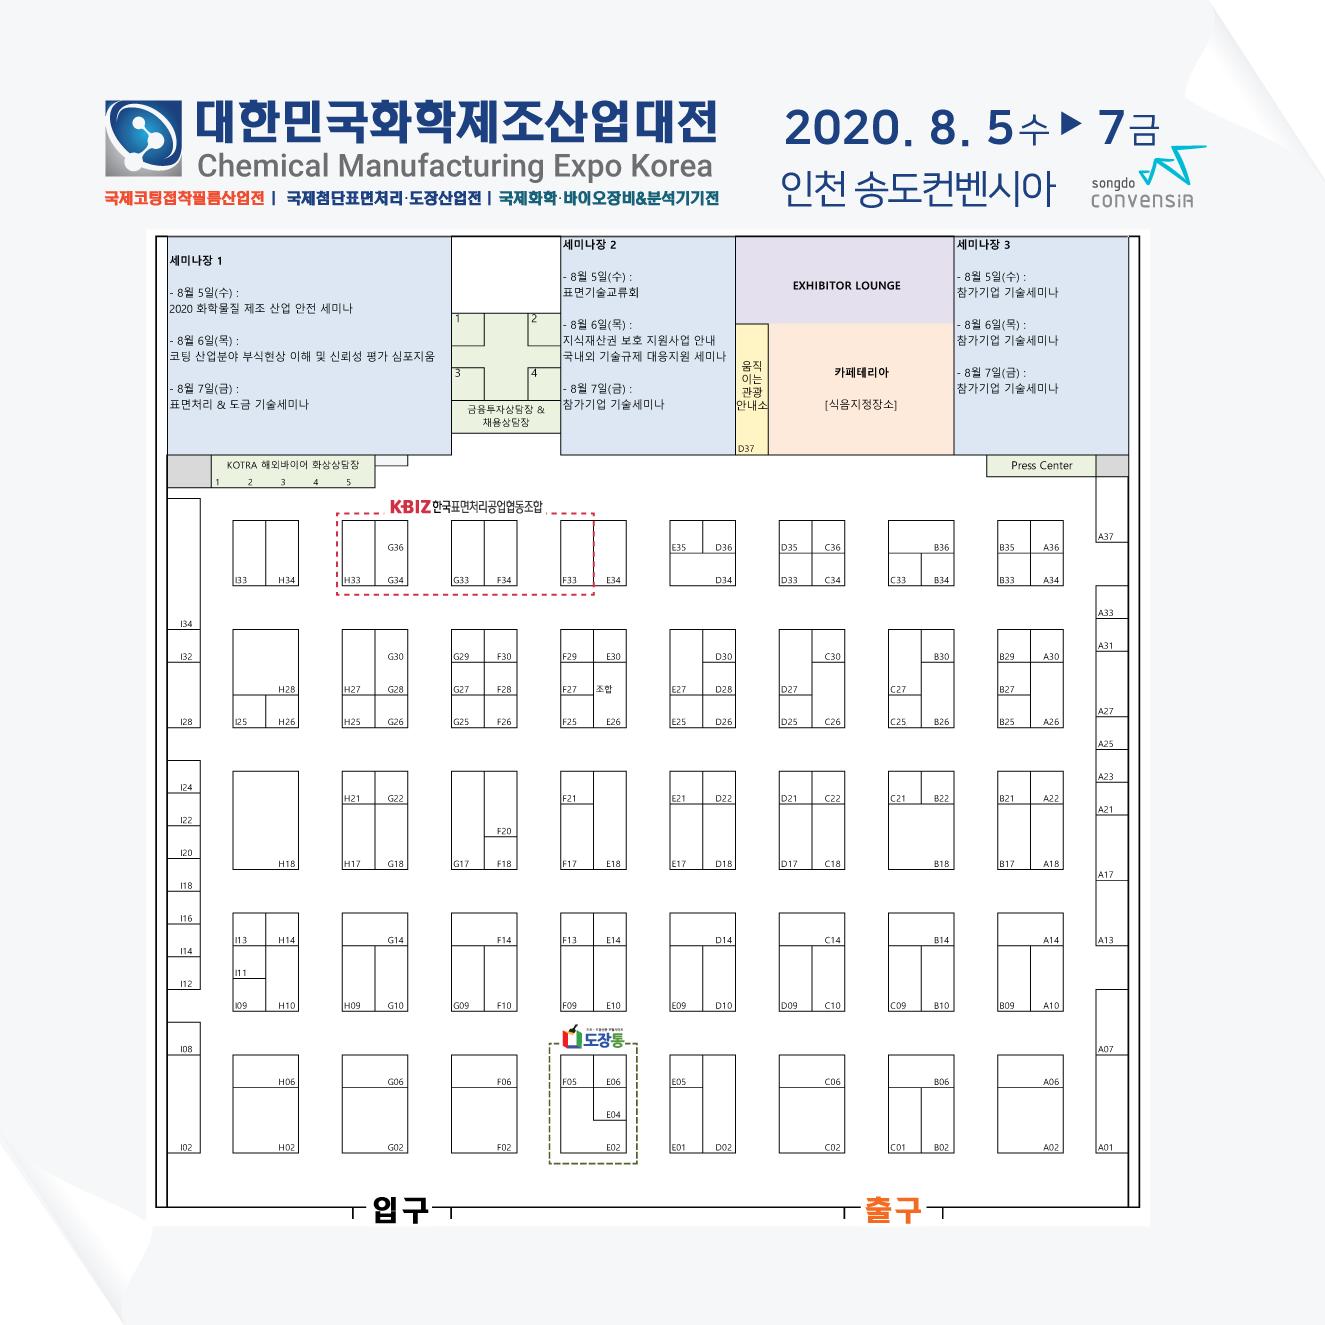 2020 대한민국화학제조산업대전 부스배치도